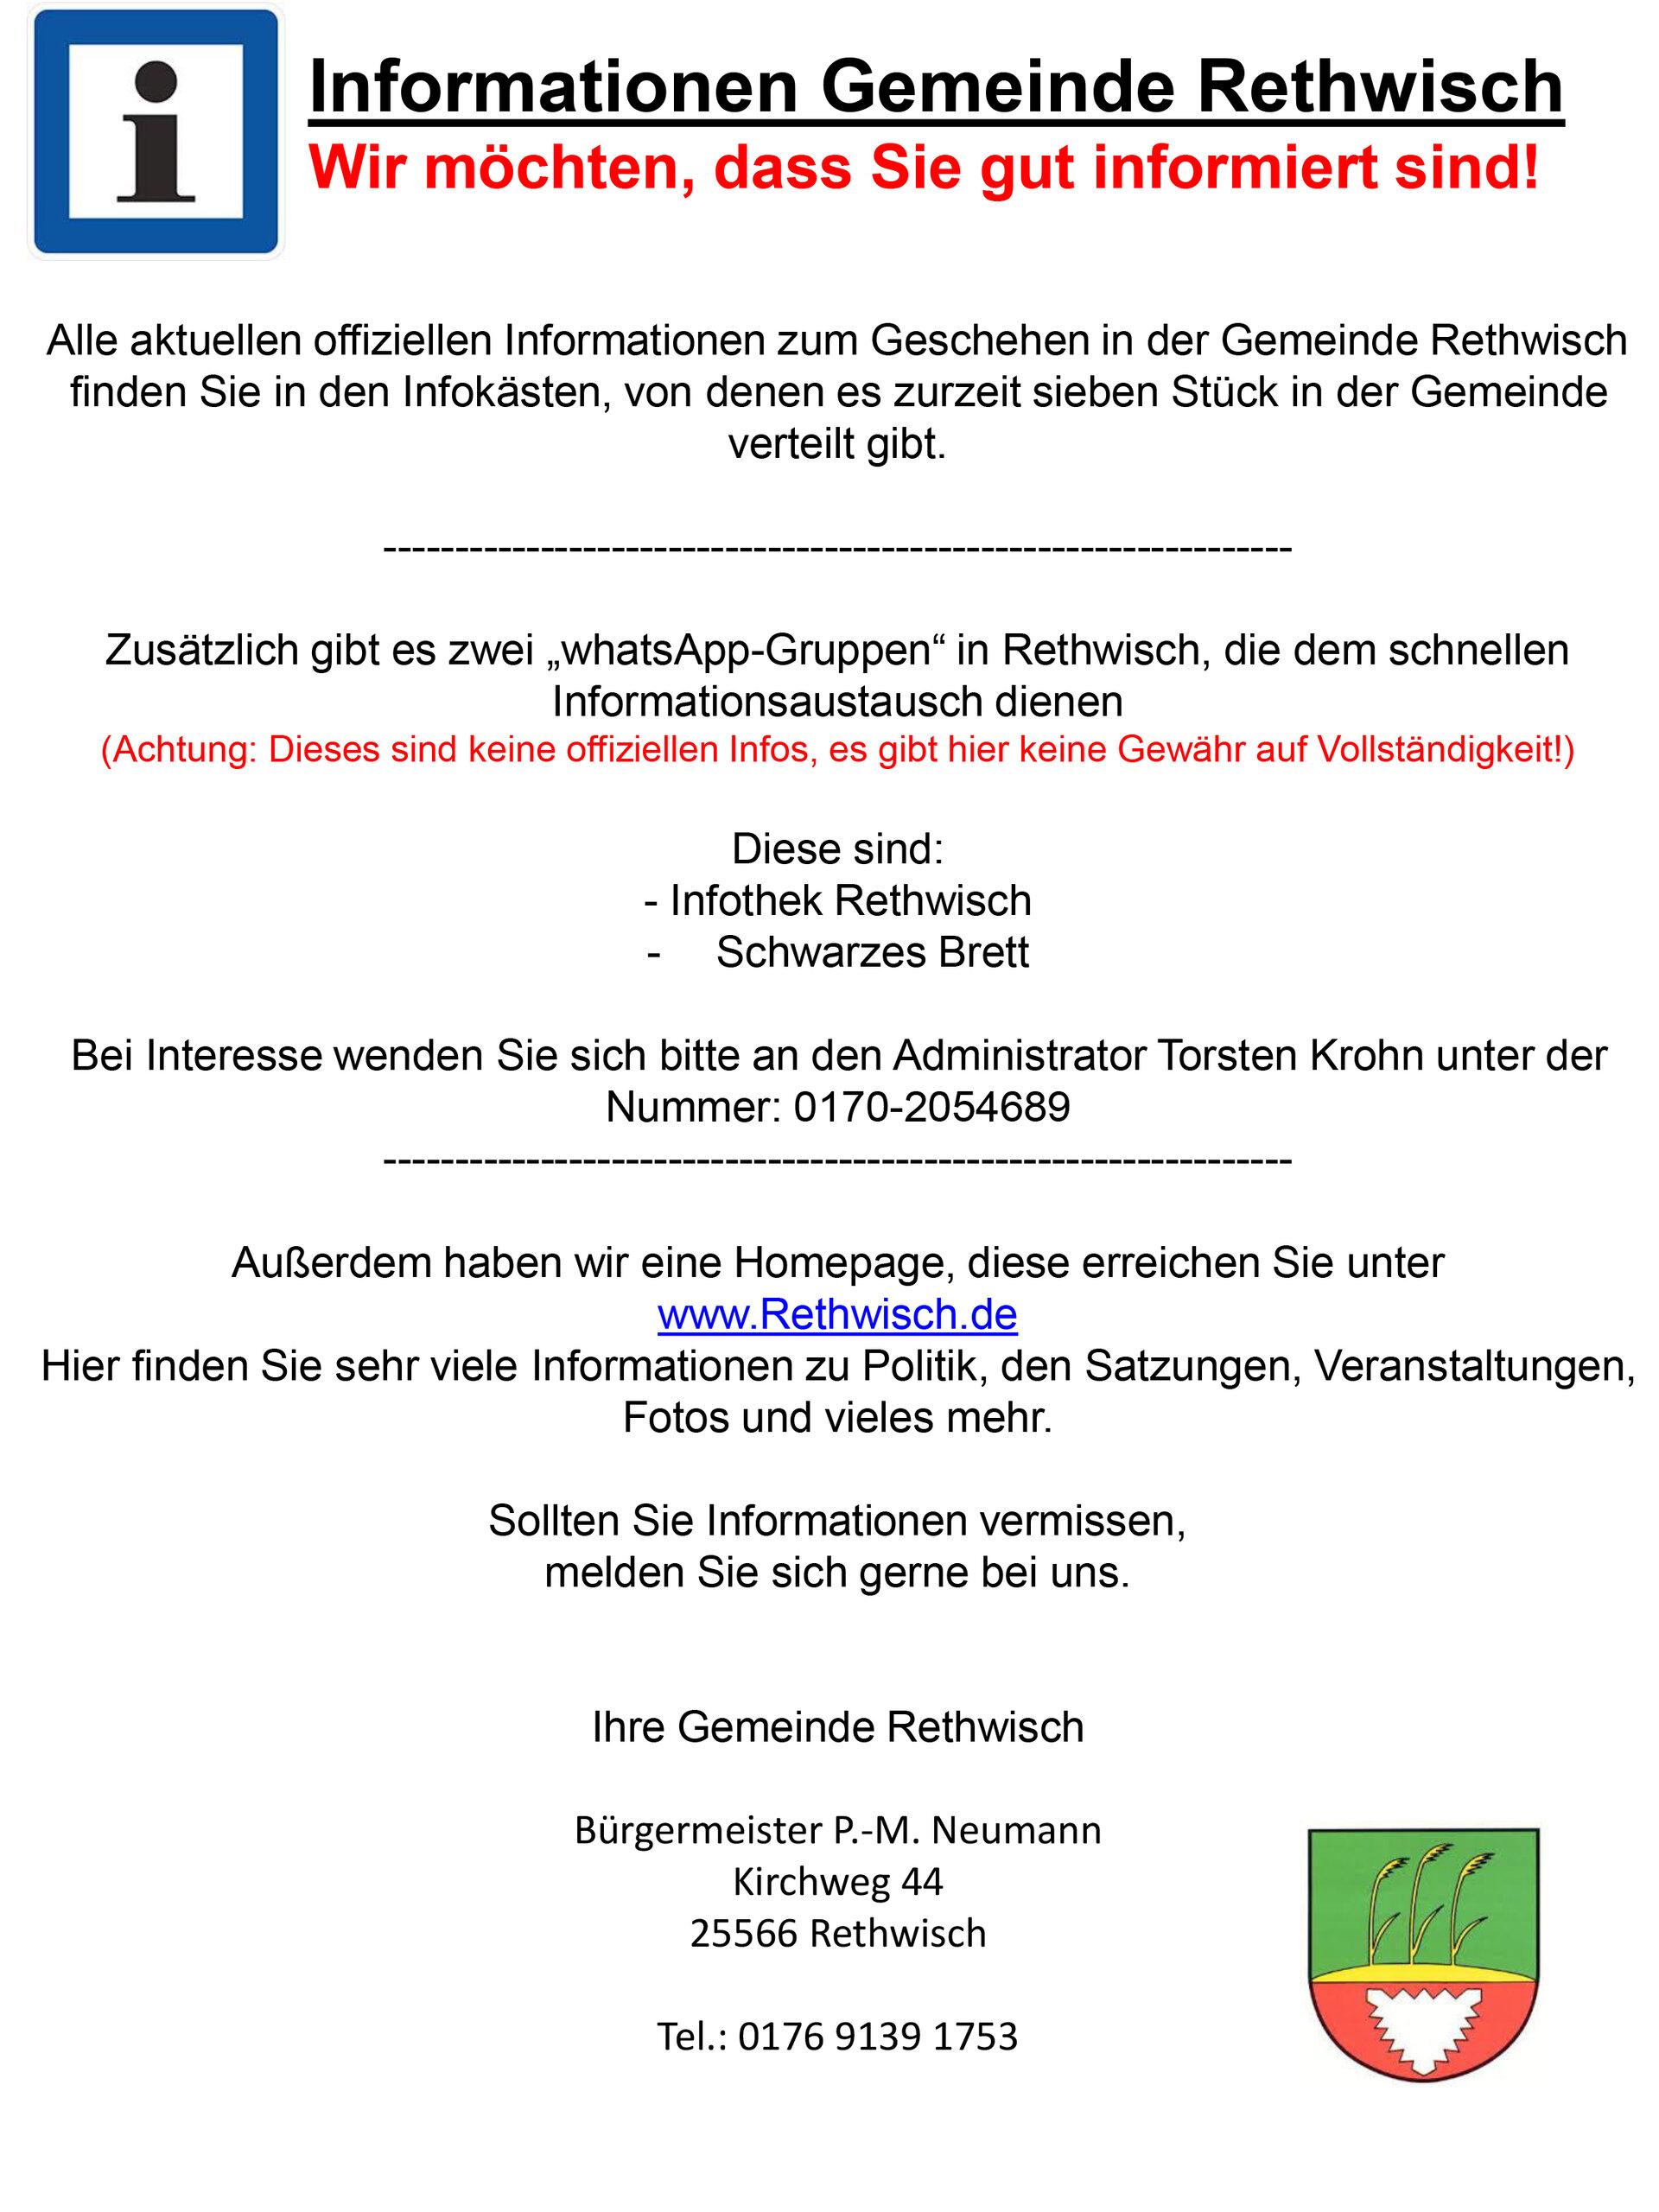 Info Rethwisch